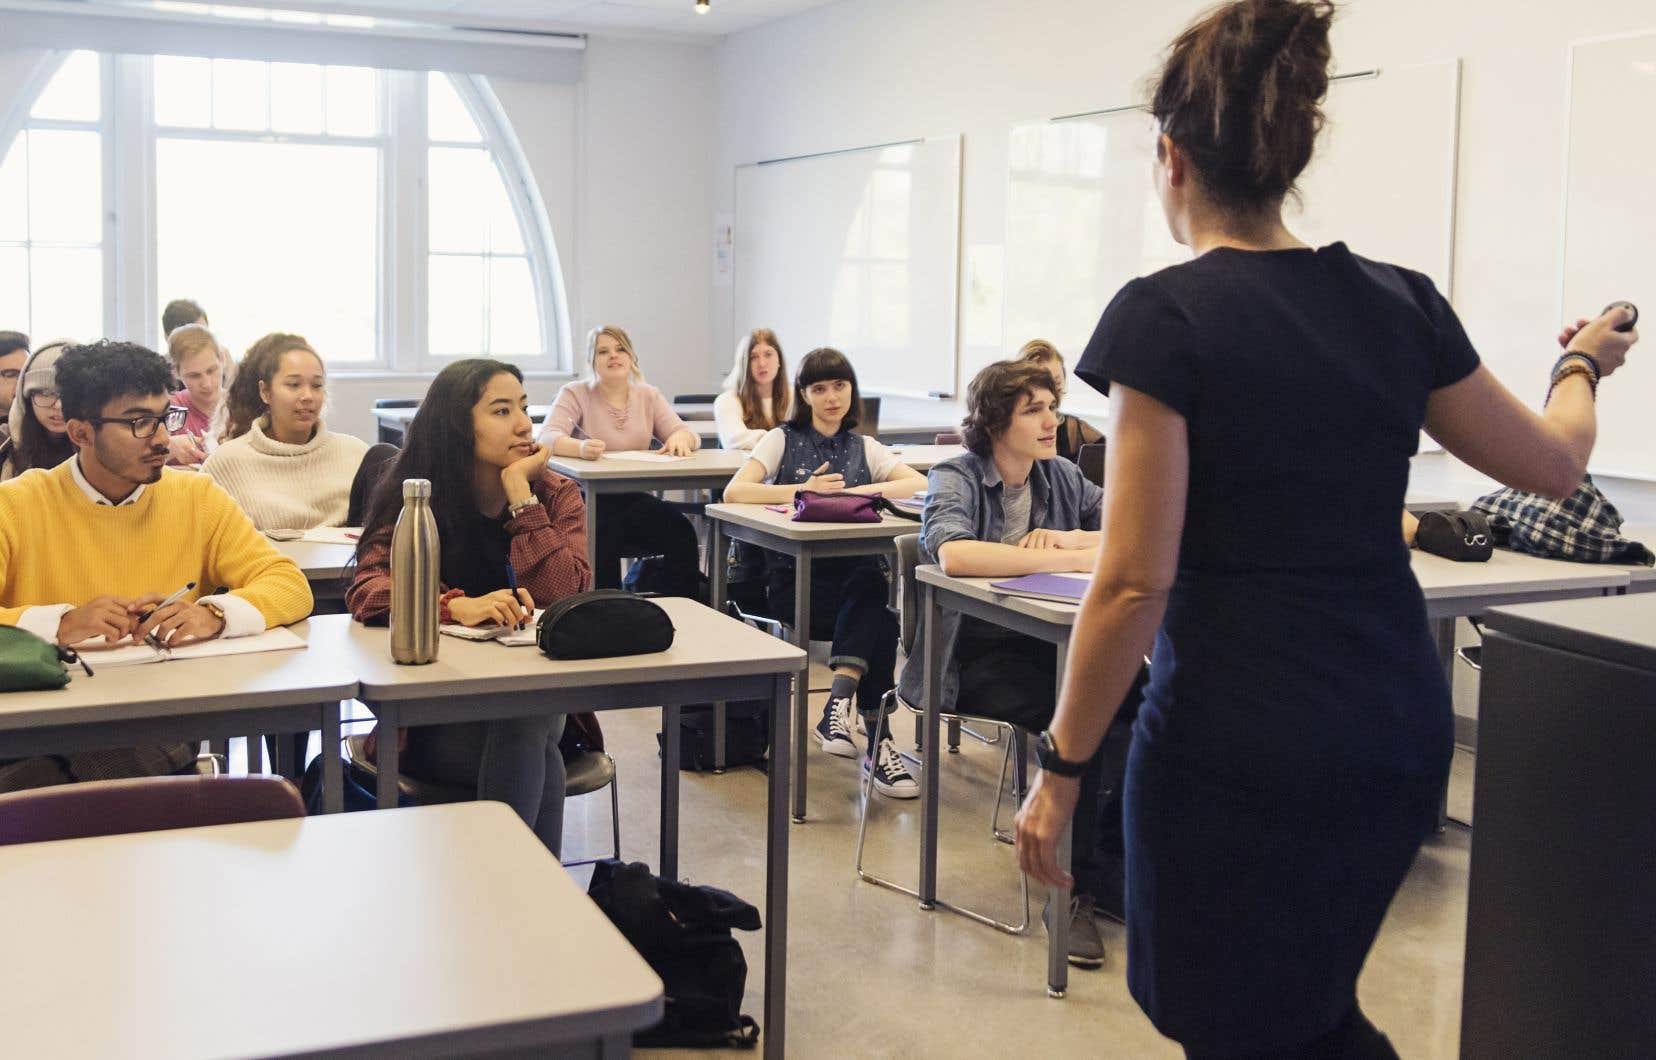 La profession d'enseignant demeure populaire auprès de la jeune génération de travailleurs.